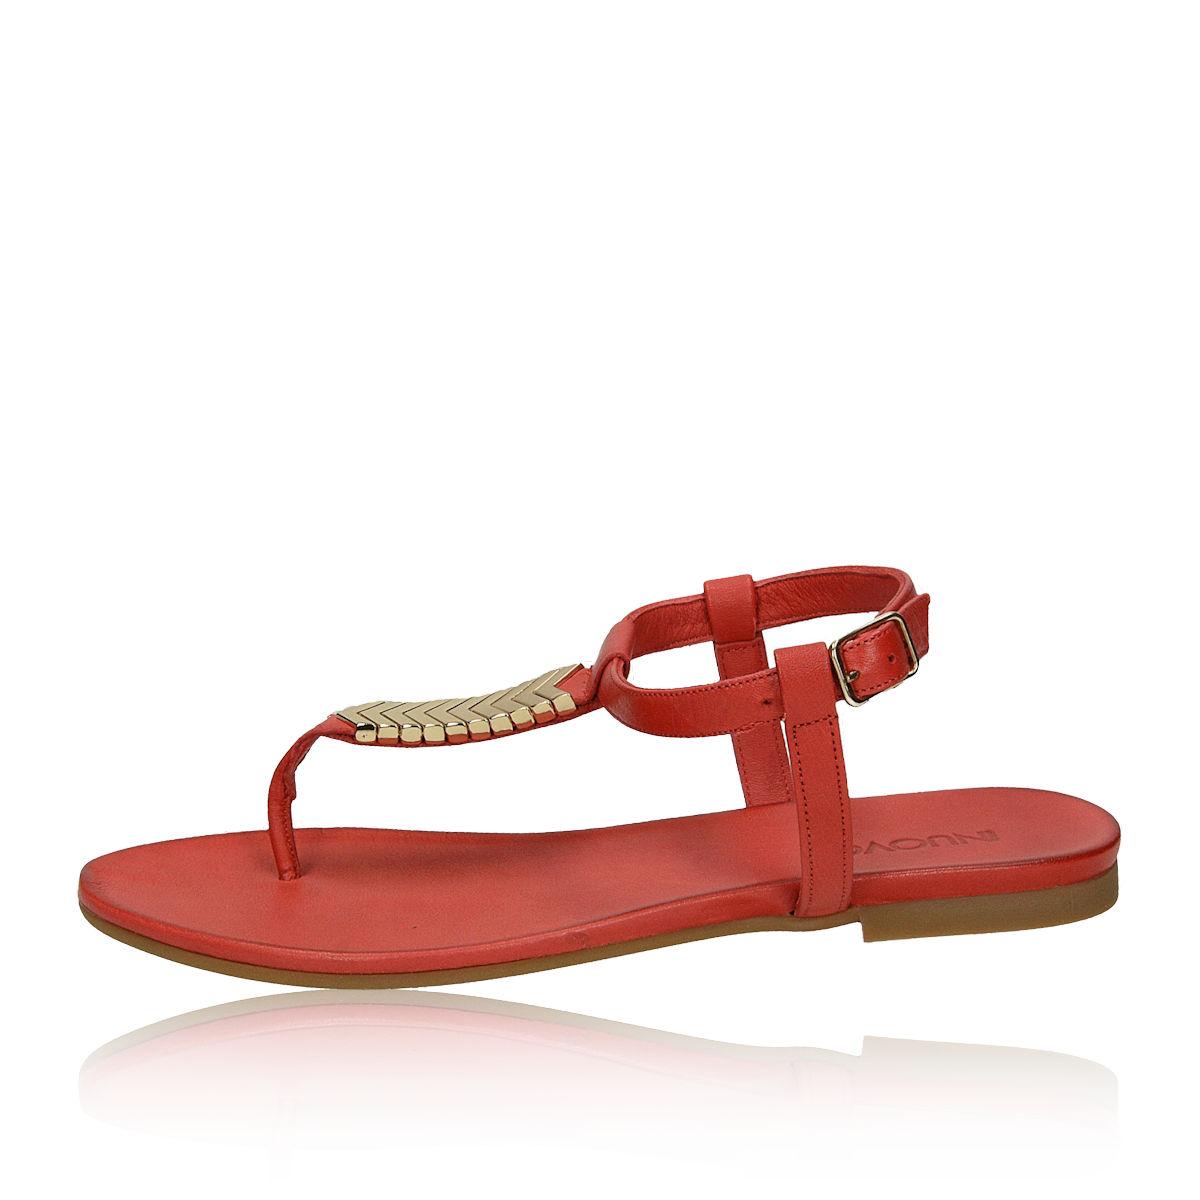 82b0a0283055a Inuovo dámske štýlové sandále - červené Inuovo dámske štýlové sandále -  červené ...